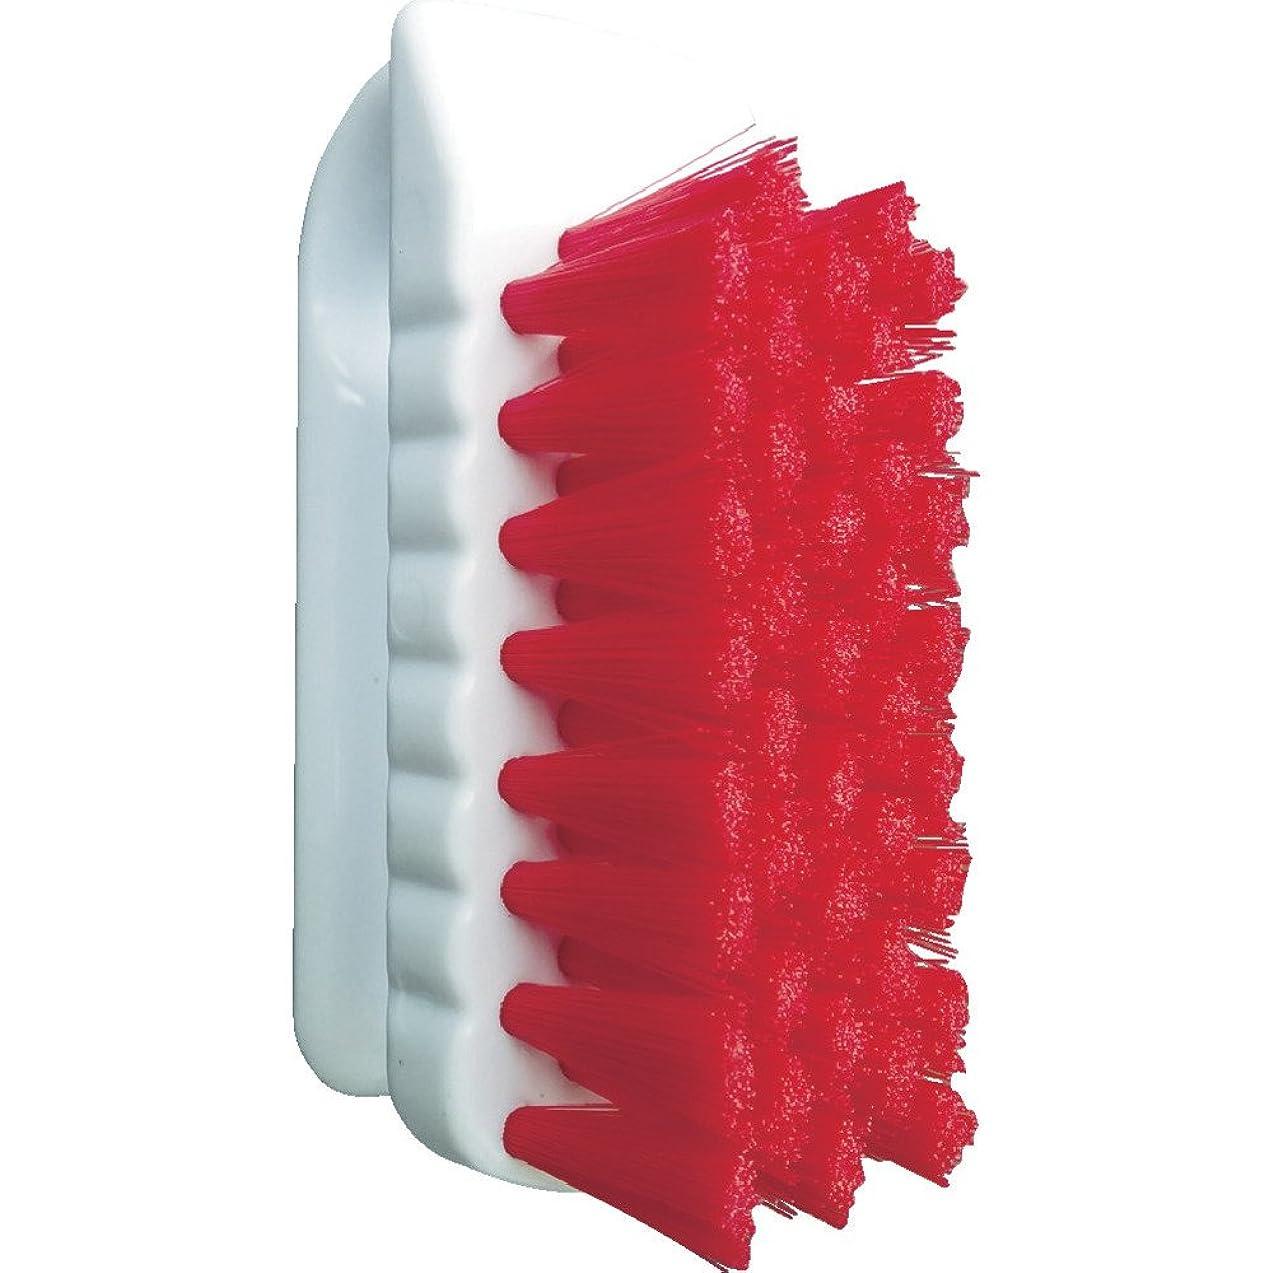 付き添い人巻き戻すトレーニングバーテック バーキュート 私の爪ブラシ 赤 BCN-R 61700101 つめ除菌ブラシ